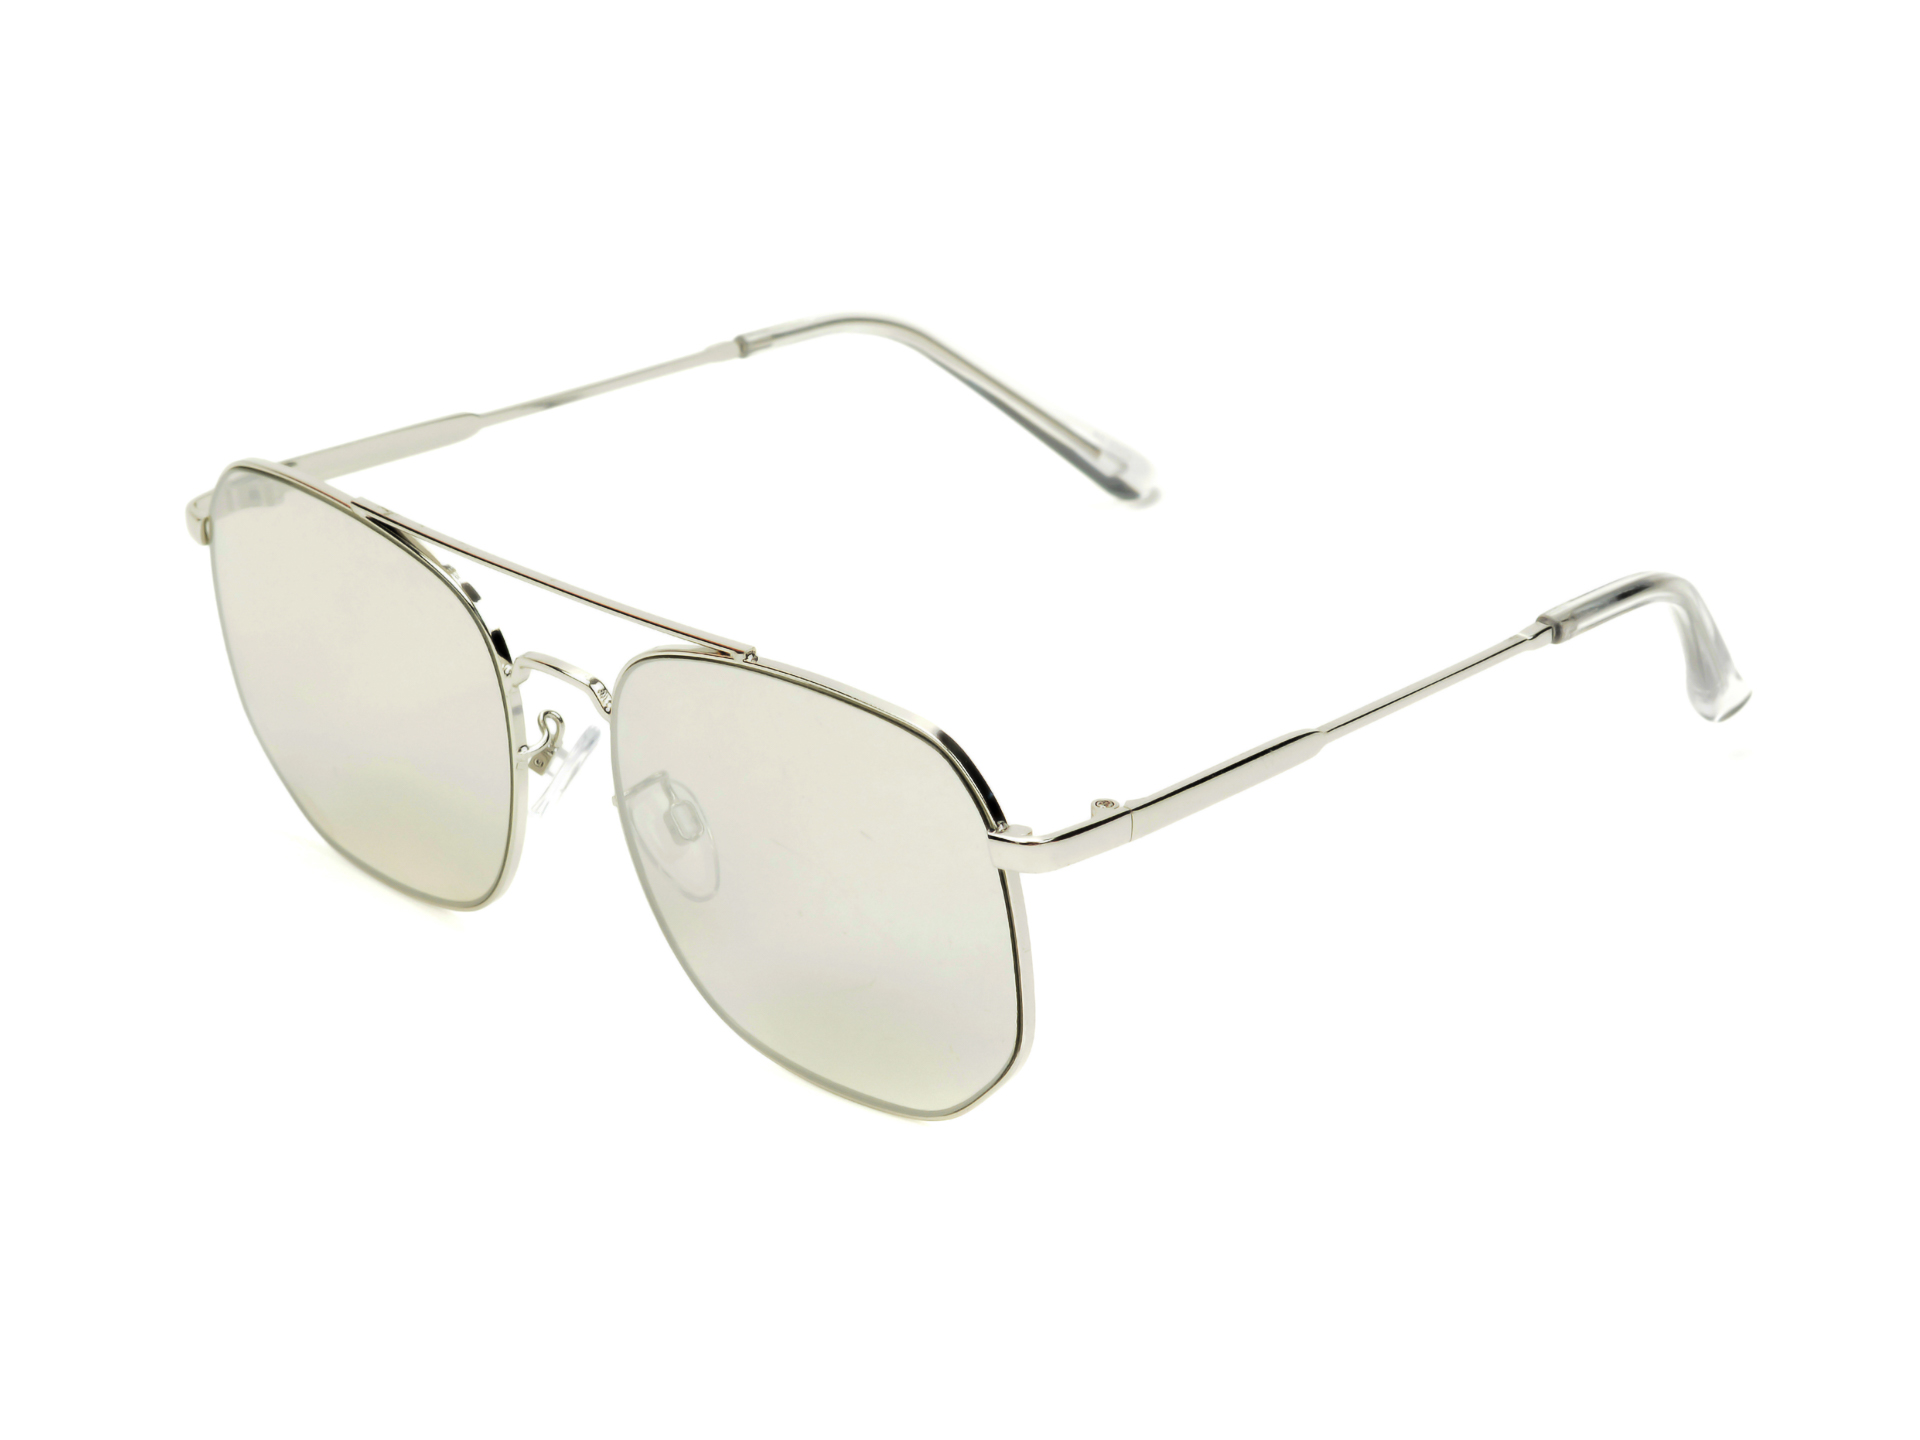 Ochelari de soare ALDO argintii, Magor040, din PVC imagine